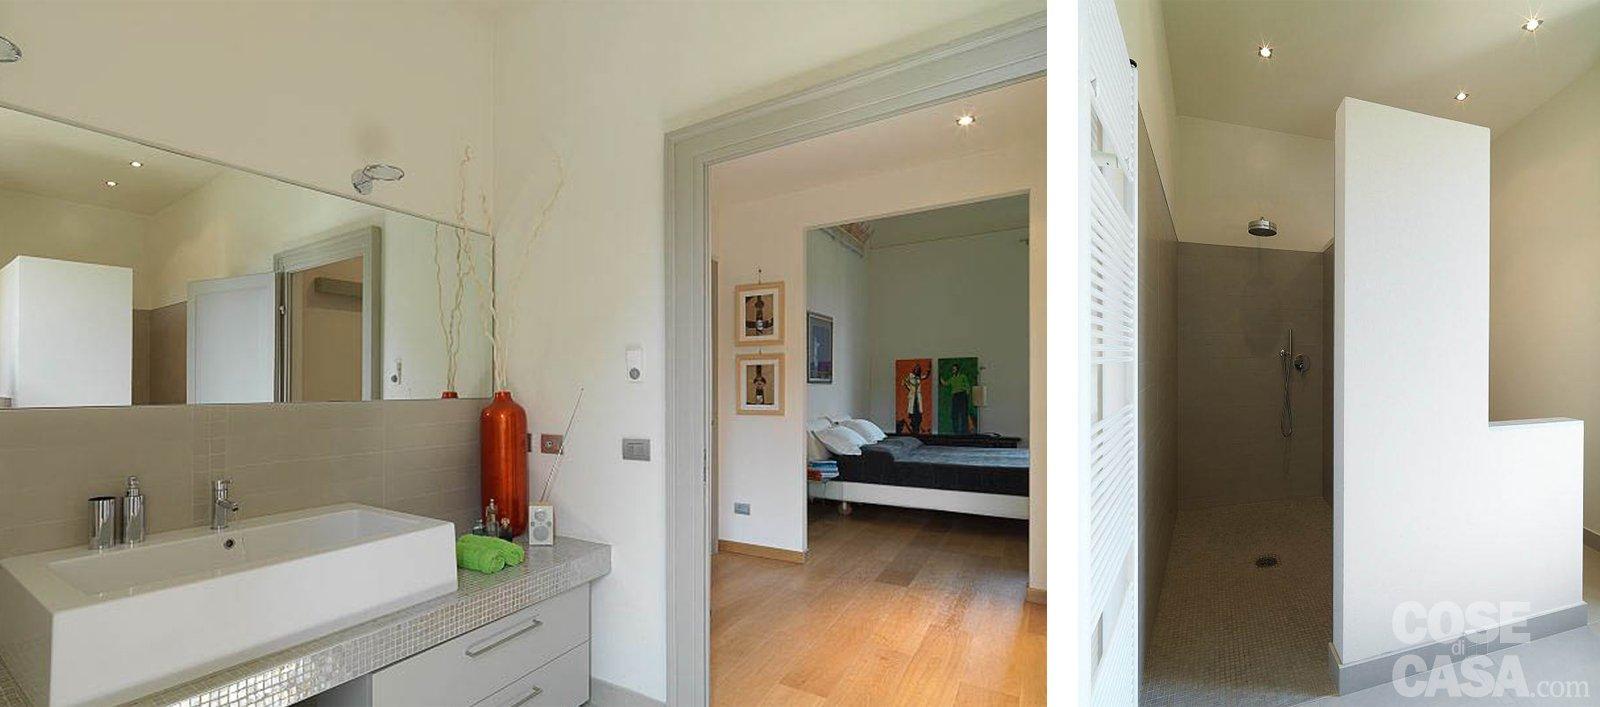 Casa classica con finiture e mobili d 39 epoca cose di casa - Ikea bagno sanitari ...